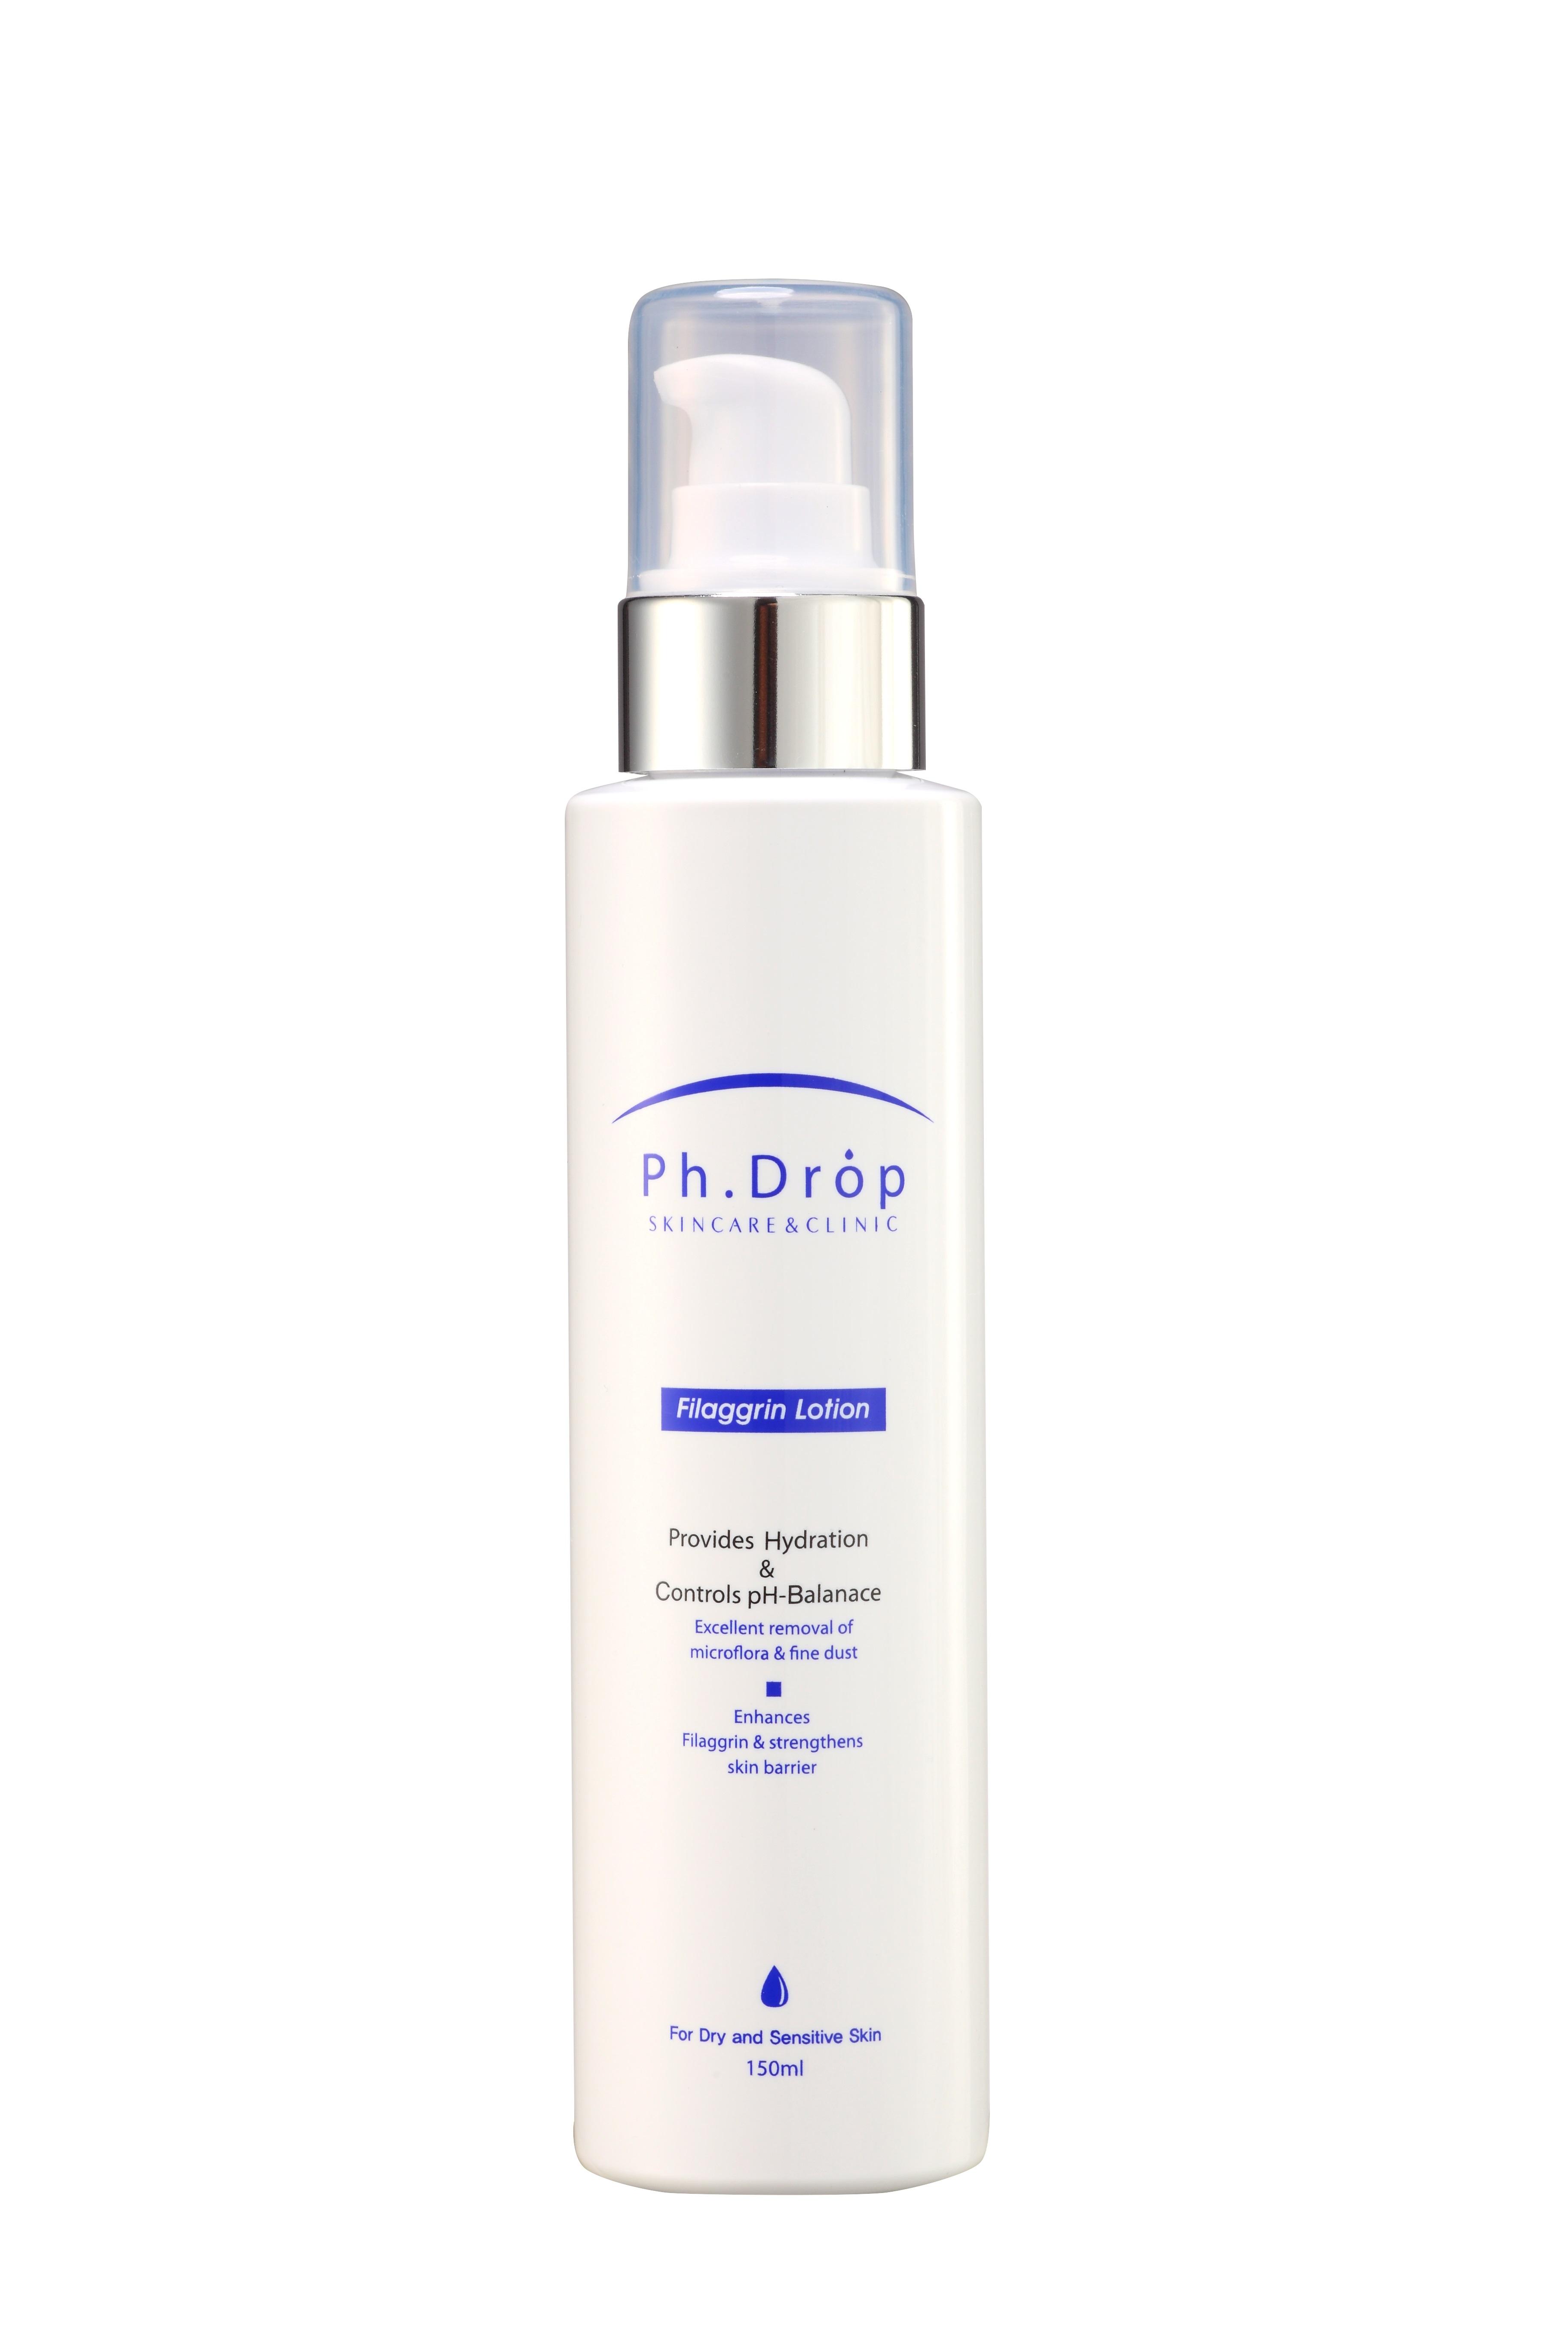 Ph.drop эмульсия увлажняющая для сухой и чувствительной кожи / filaggrin lotion 150 мл